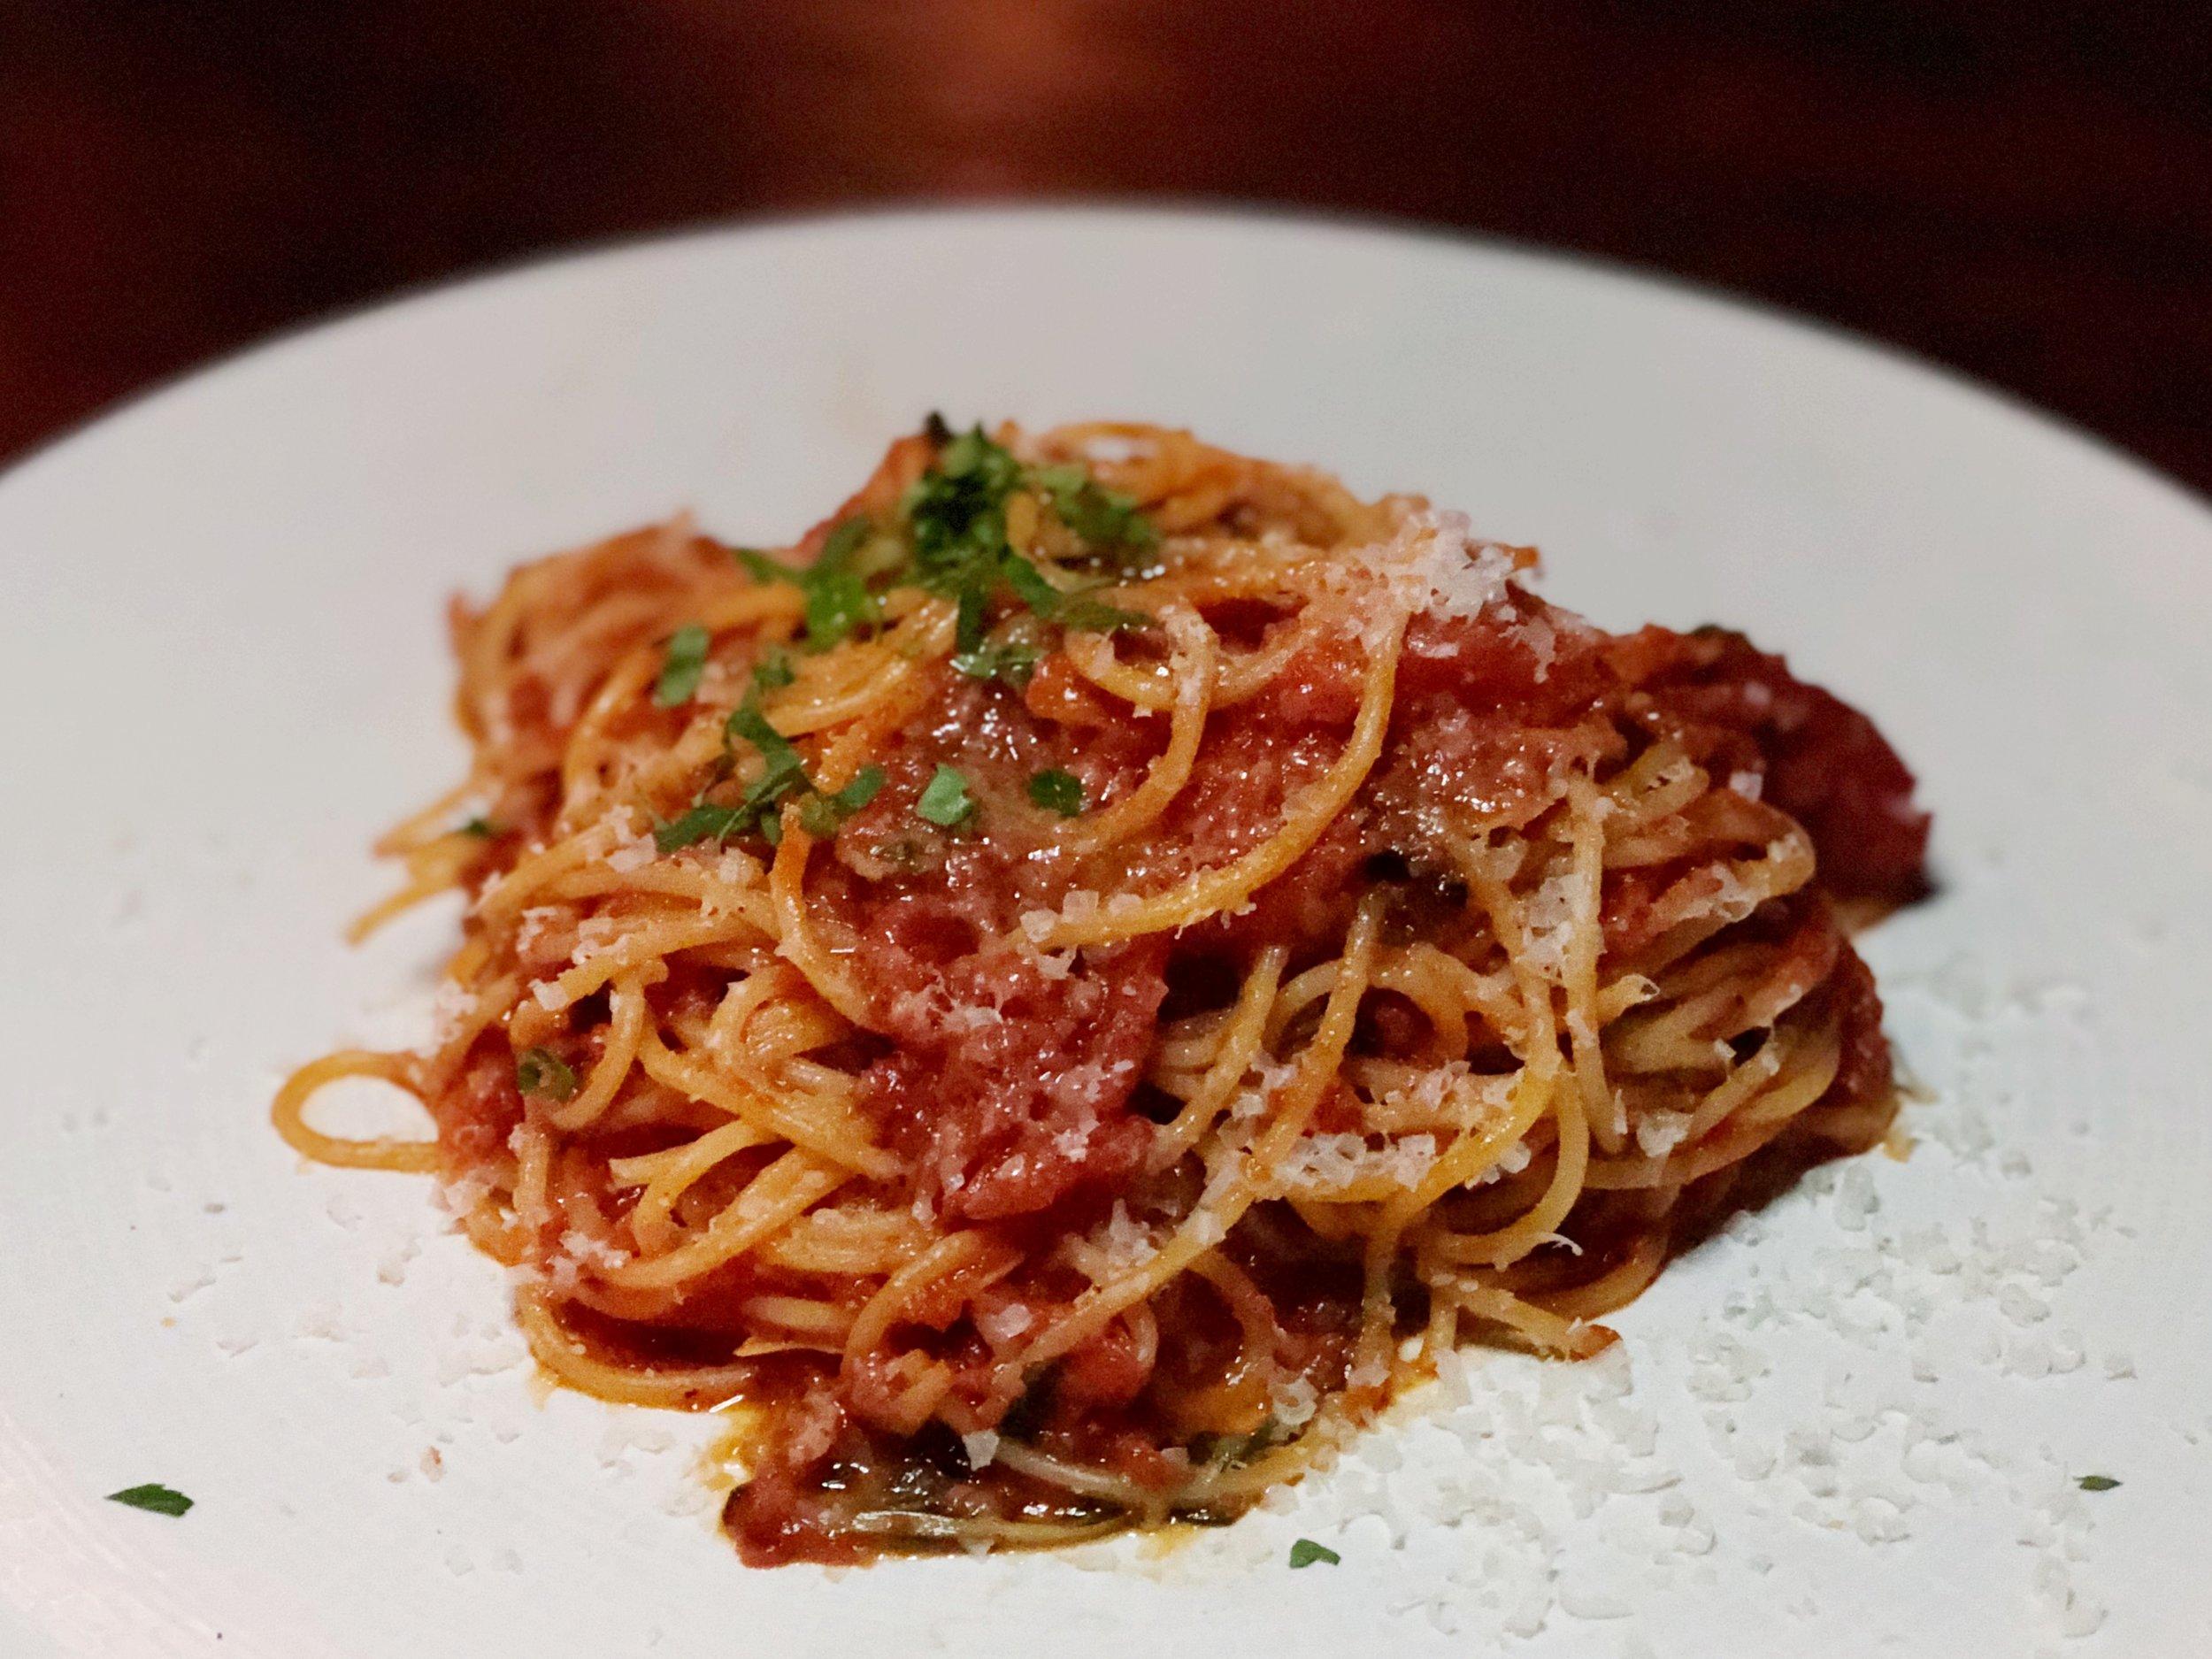 Spaghetti |tomato-basil-garlic sauce, parmesan